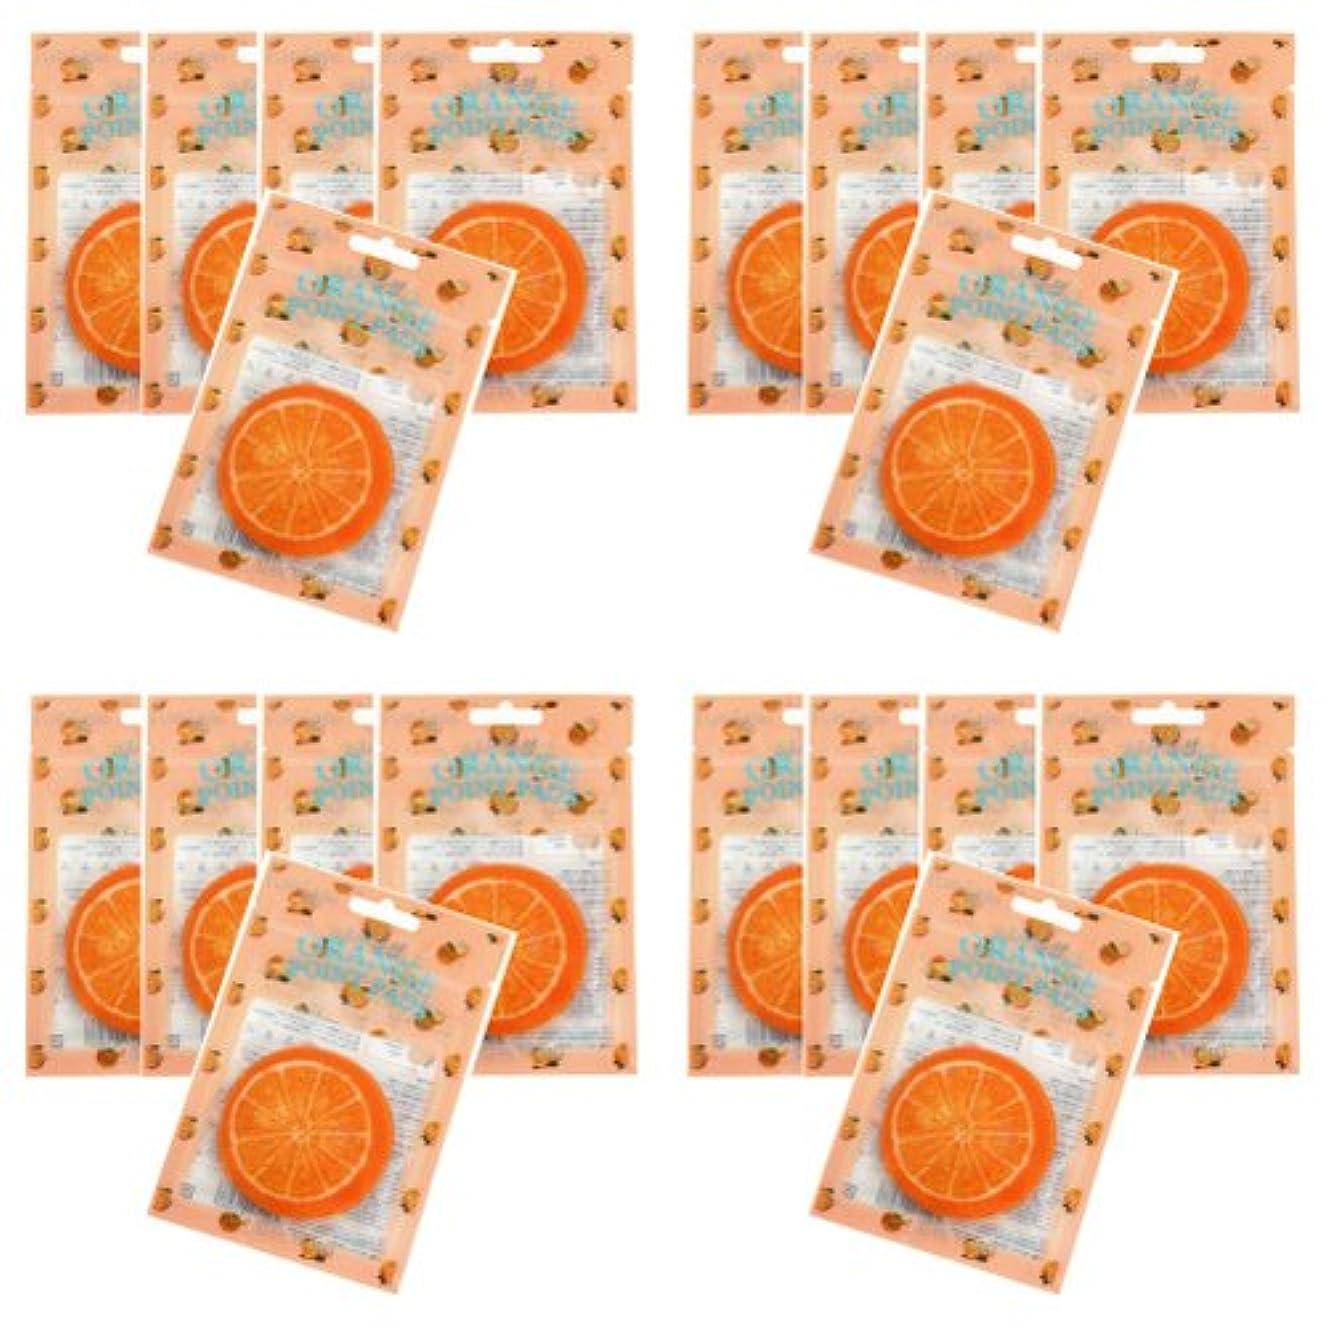 パンチ服を洗うアルミニウムピュアスマイル ジューシーポイントパッド オレンジ20パックセット(1パック10枚入 合計200枚)